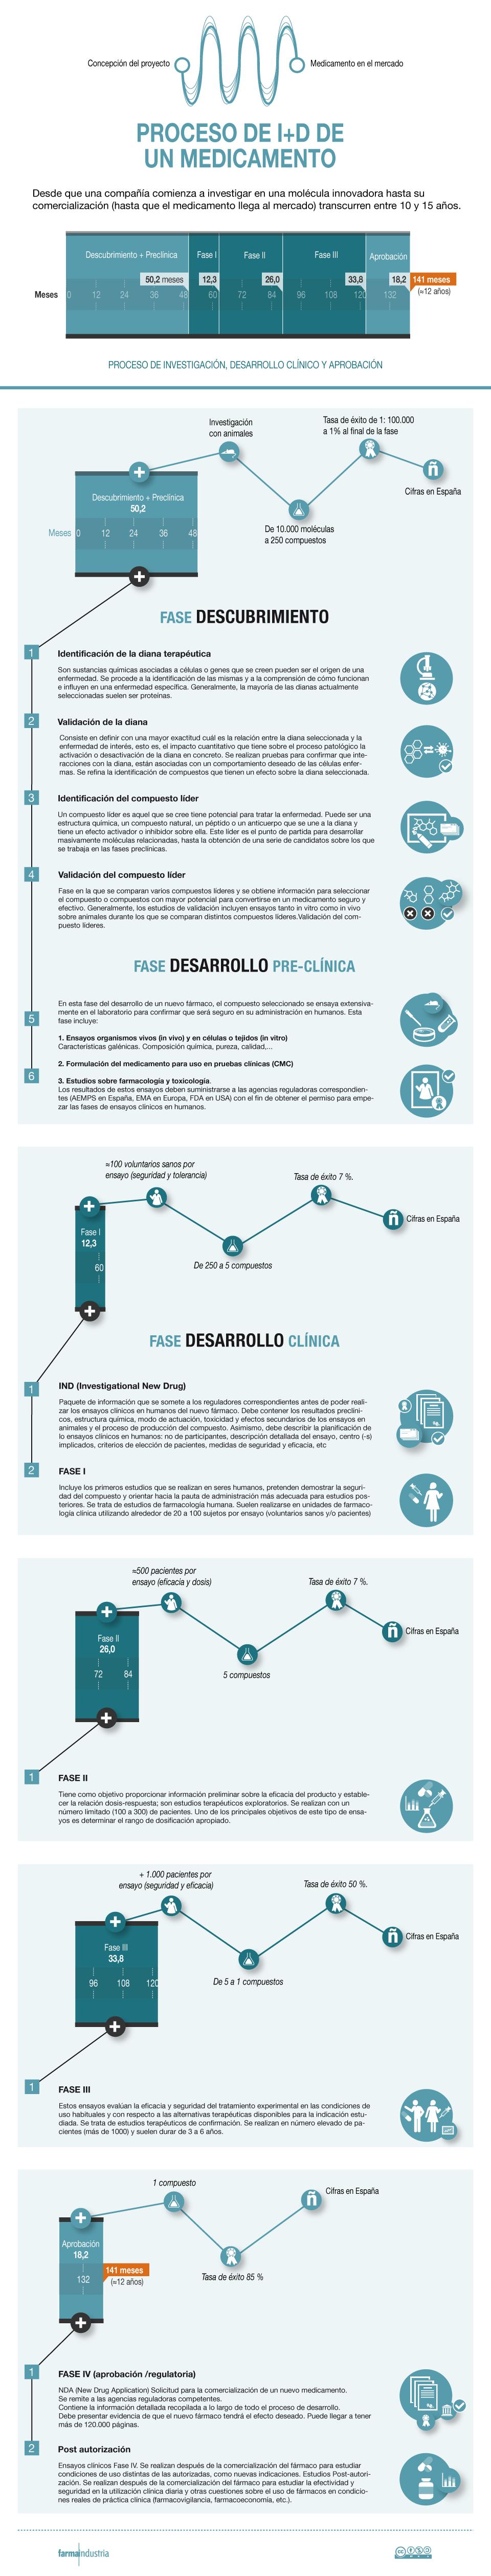 id_medicamento (2)